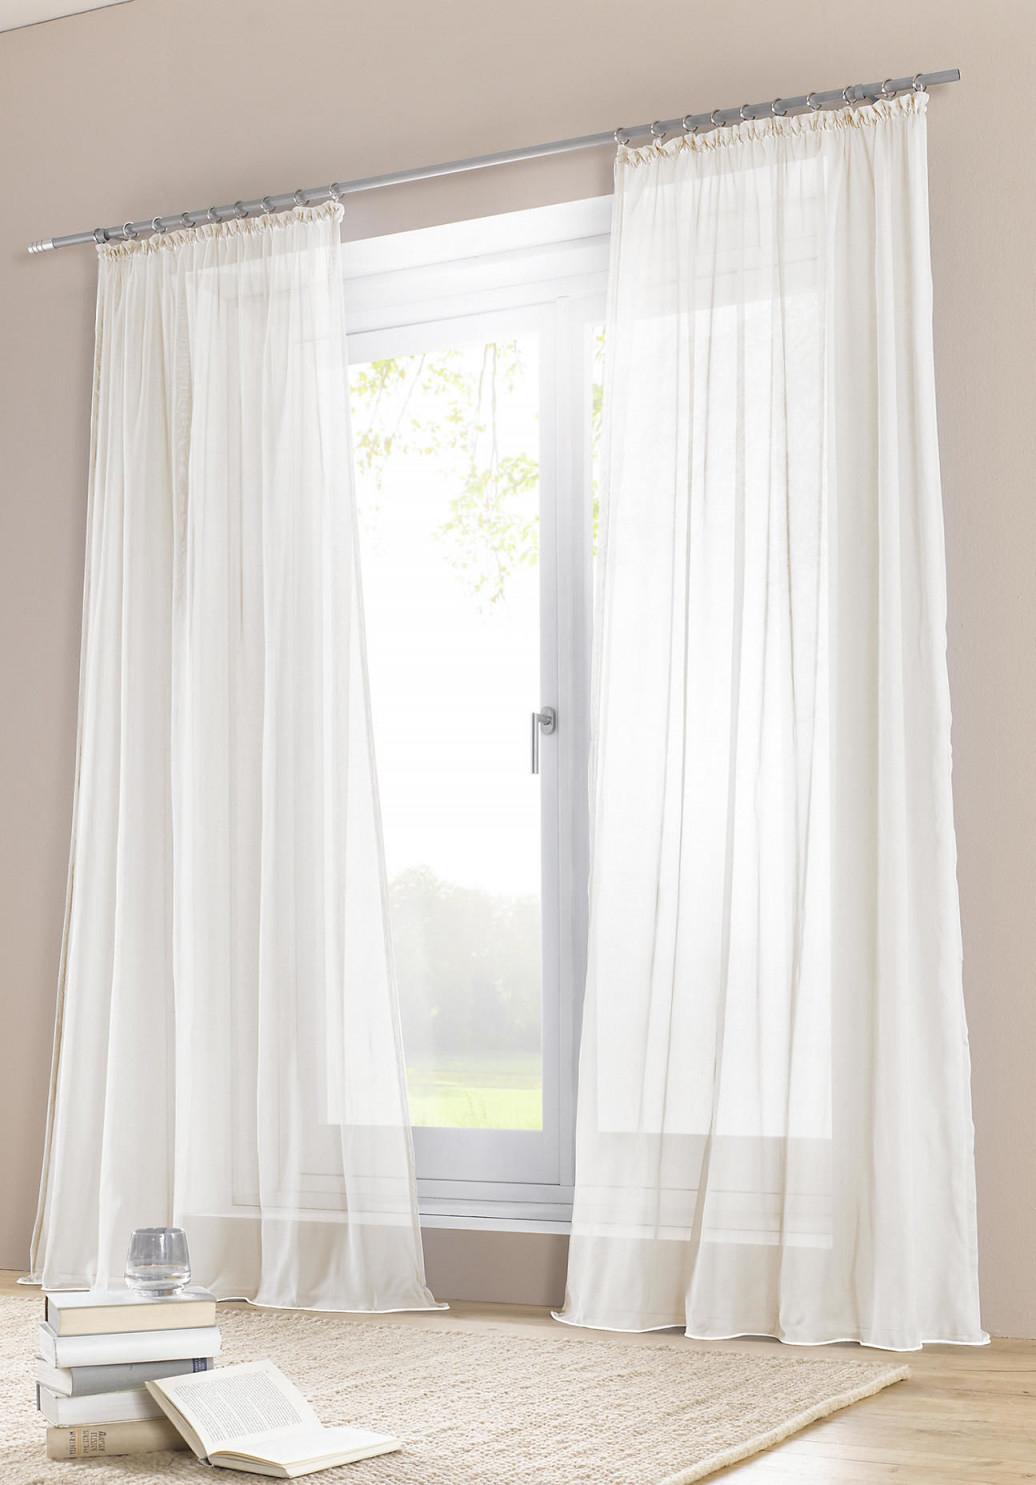 Die Schönsten Ideen Für Vorhänge  Gardinen von Gardinen Vorhänge Wohnzimmer Bild